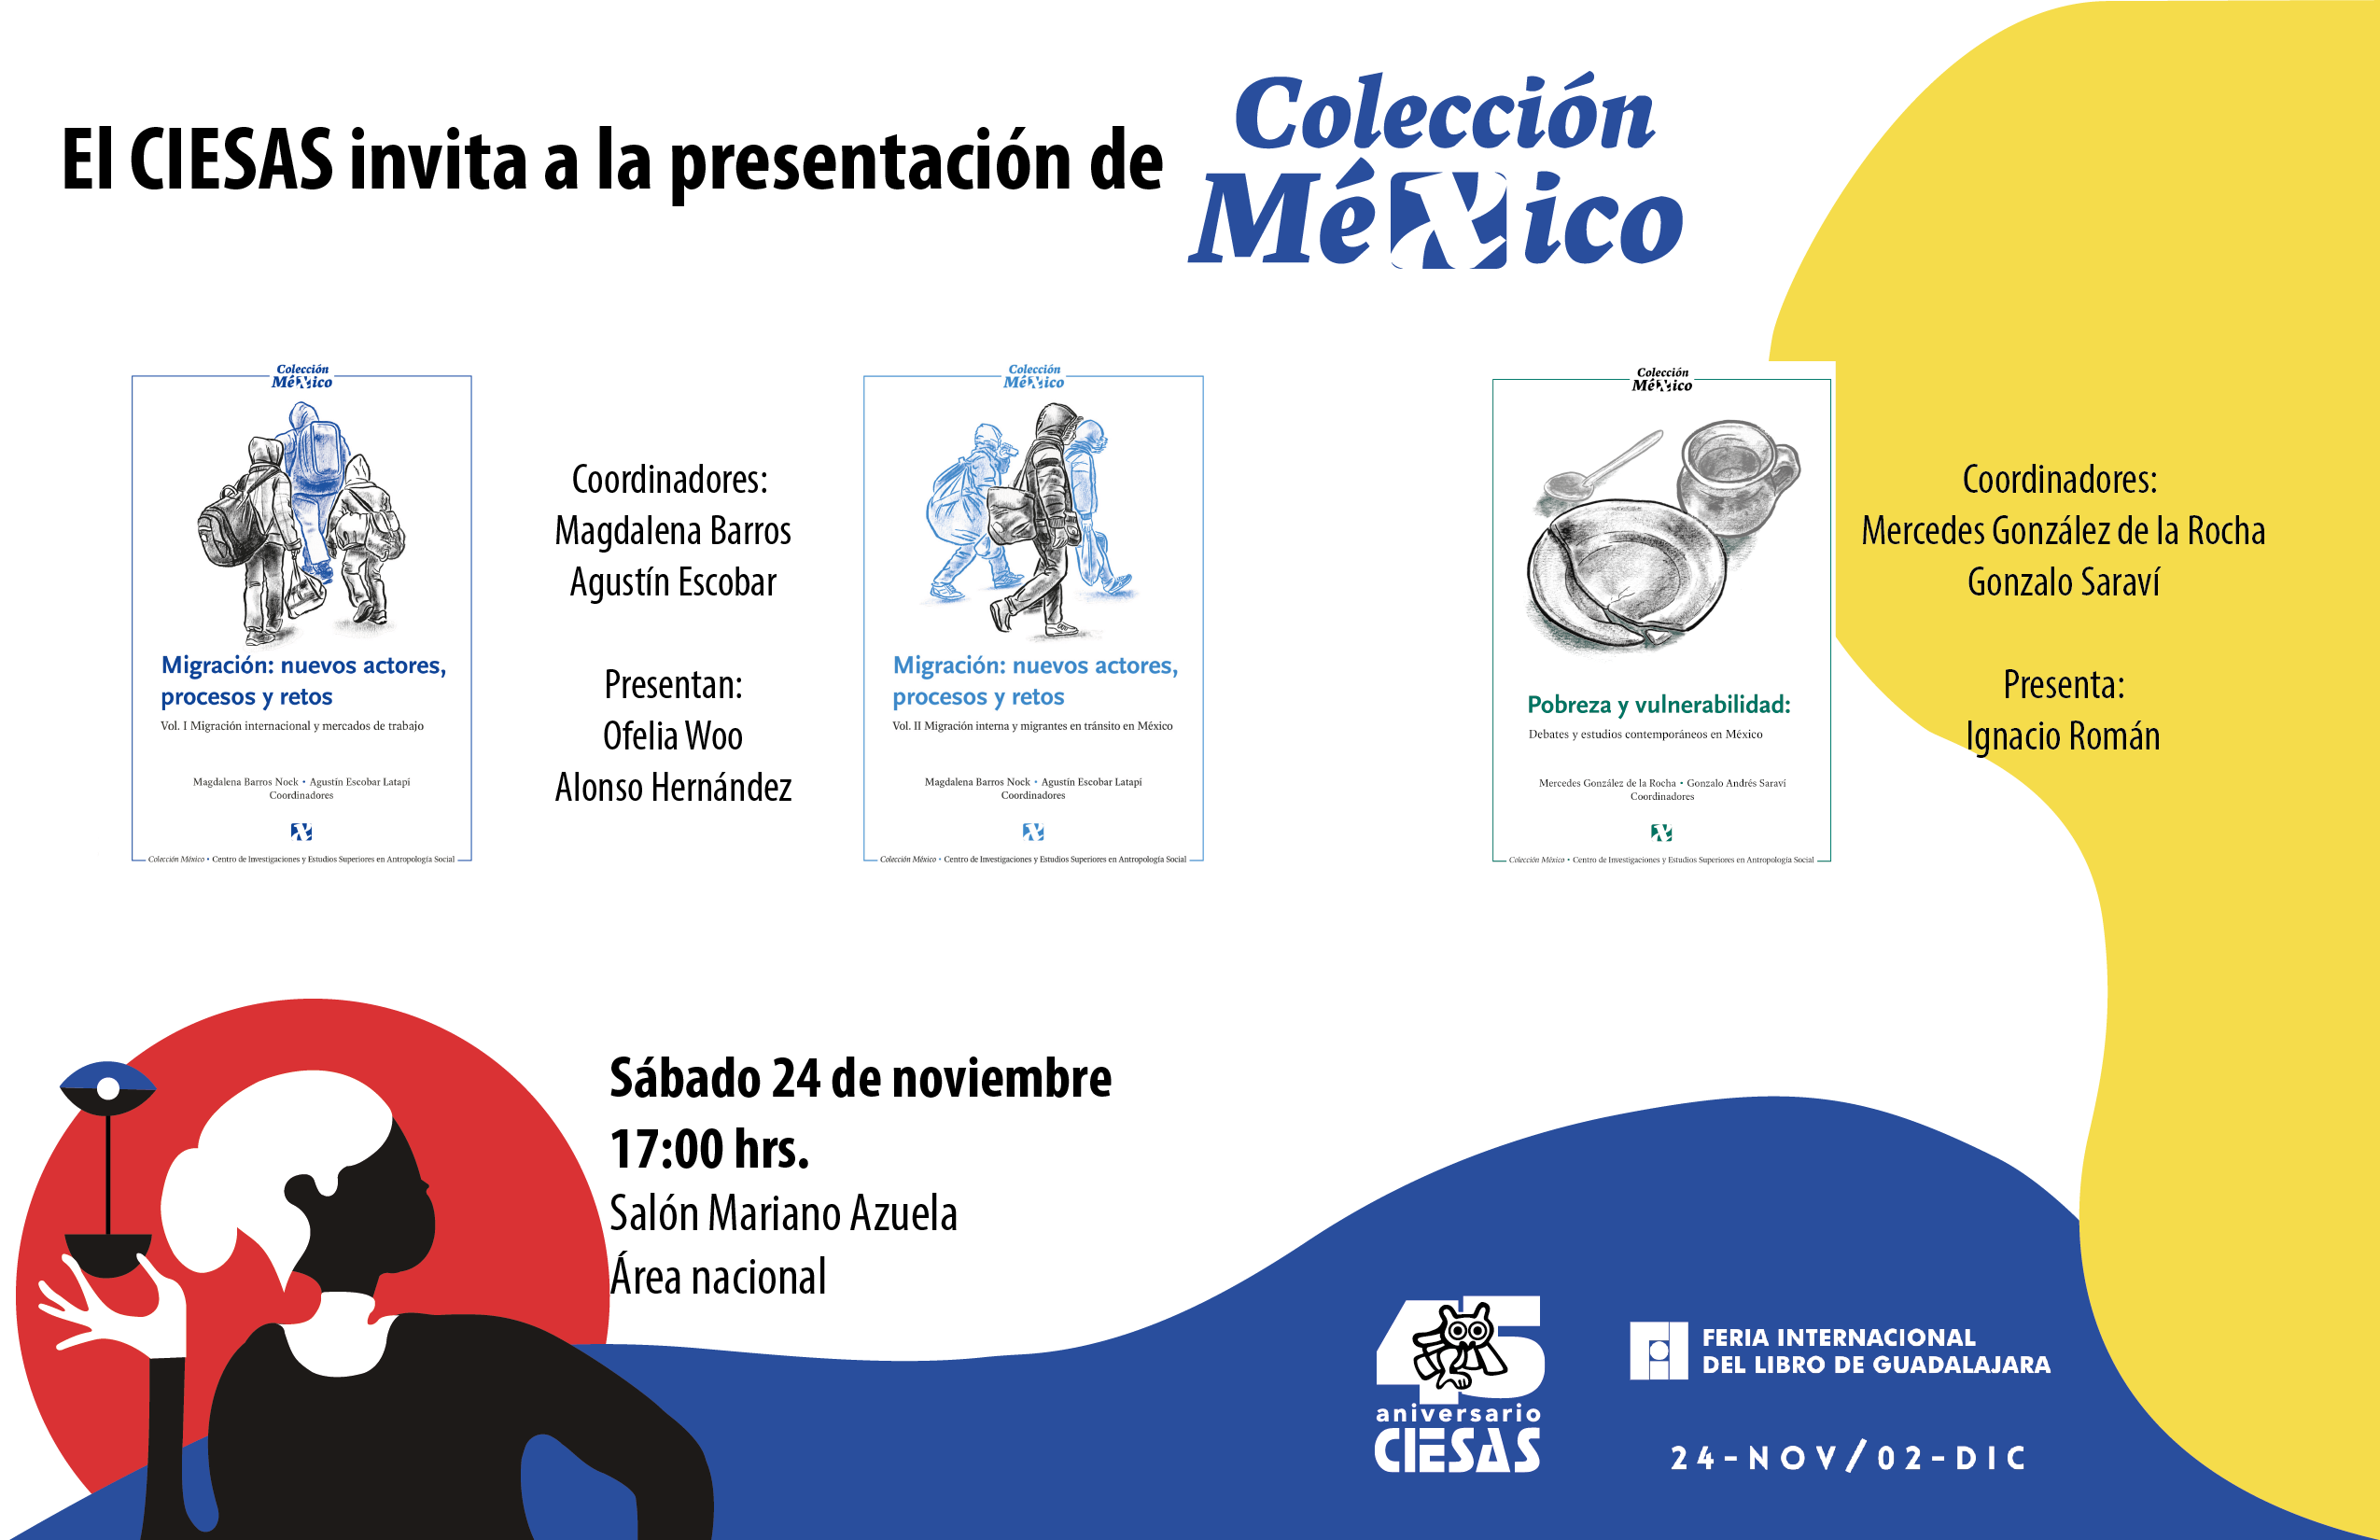 Coleccion-Mexico-Cartel-FIL-colección-mexico